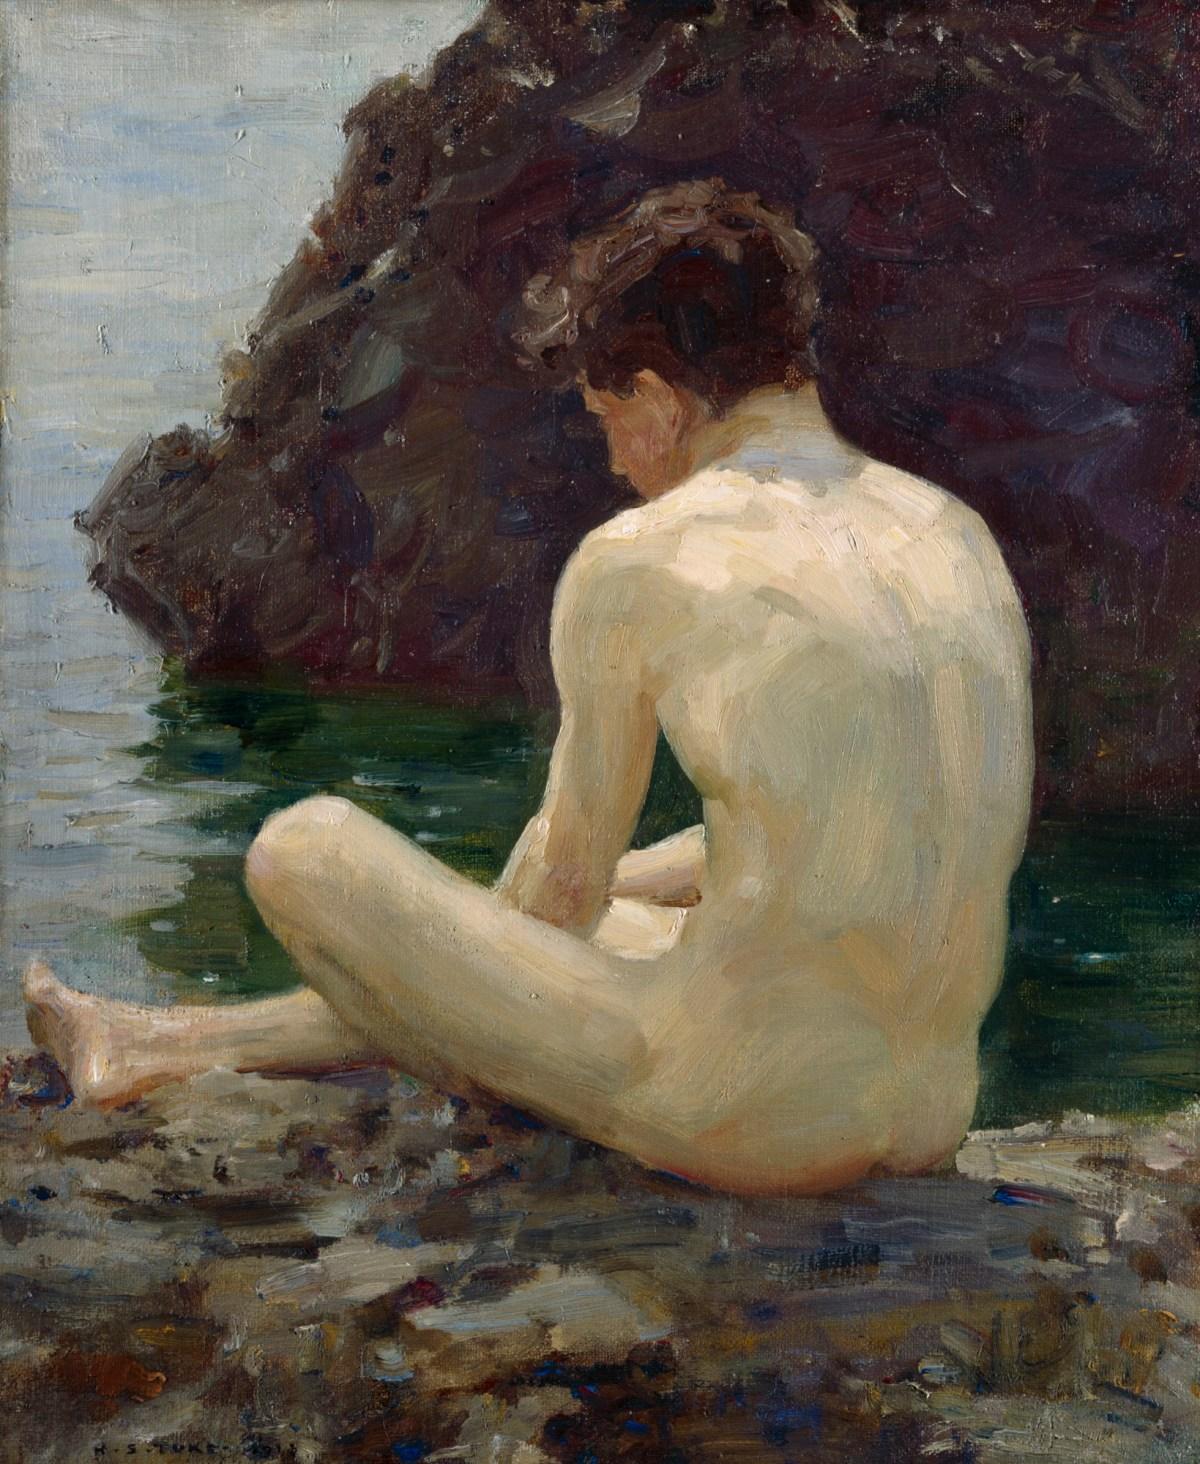 girl-knee-naked-boy-art